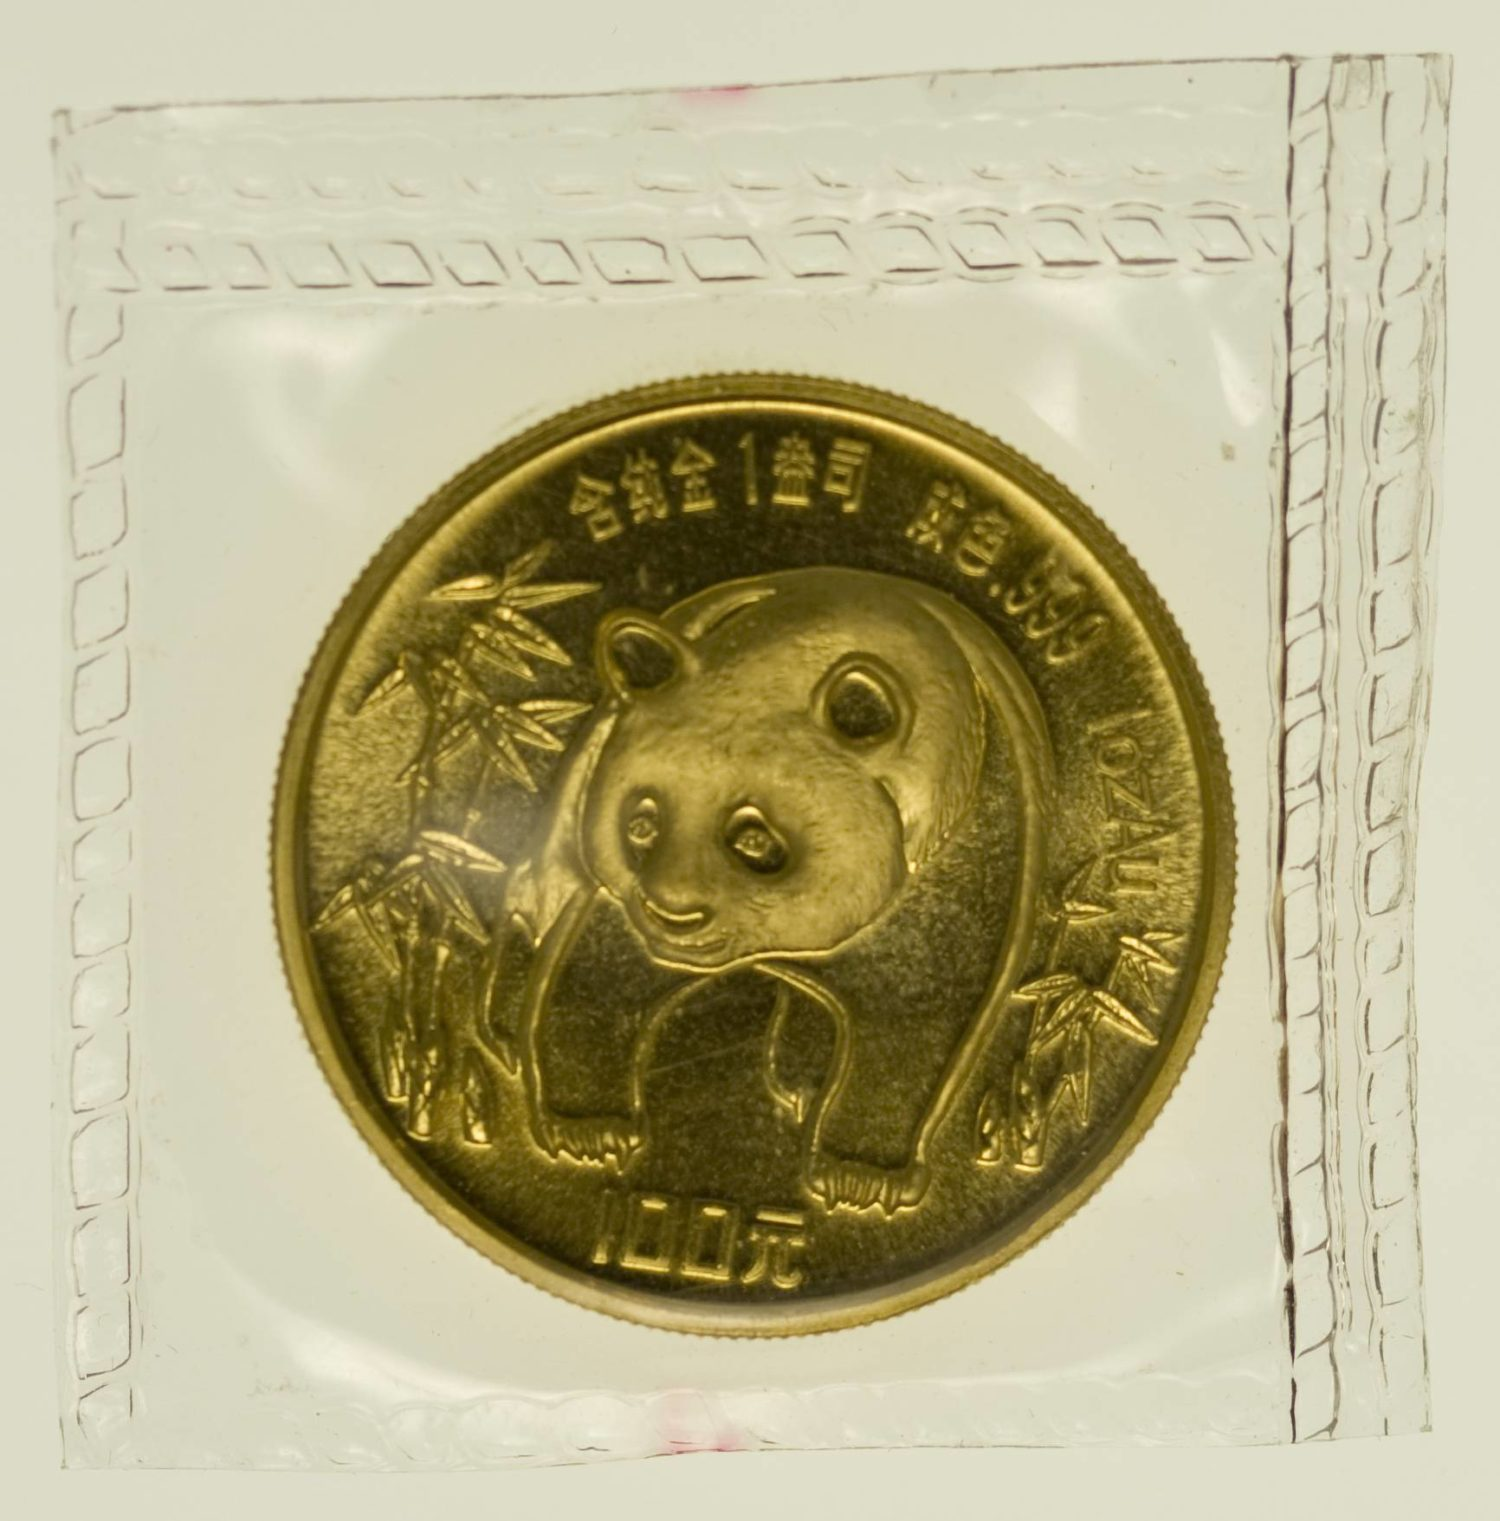 1 Unze Goldmünze China Panda 1986 100 Yuan 31,1 Gramm Gold RAR